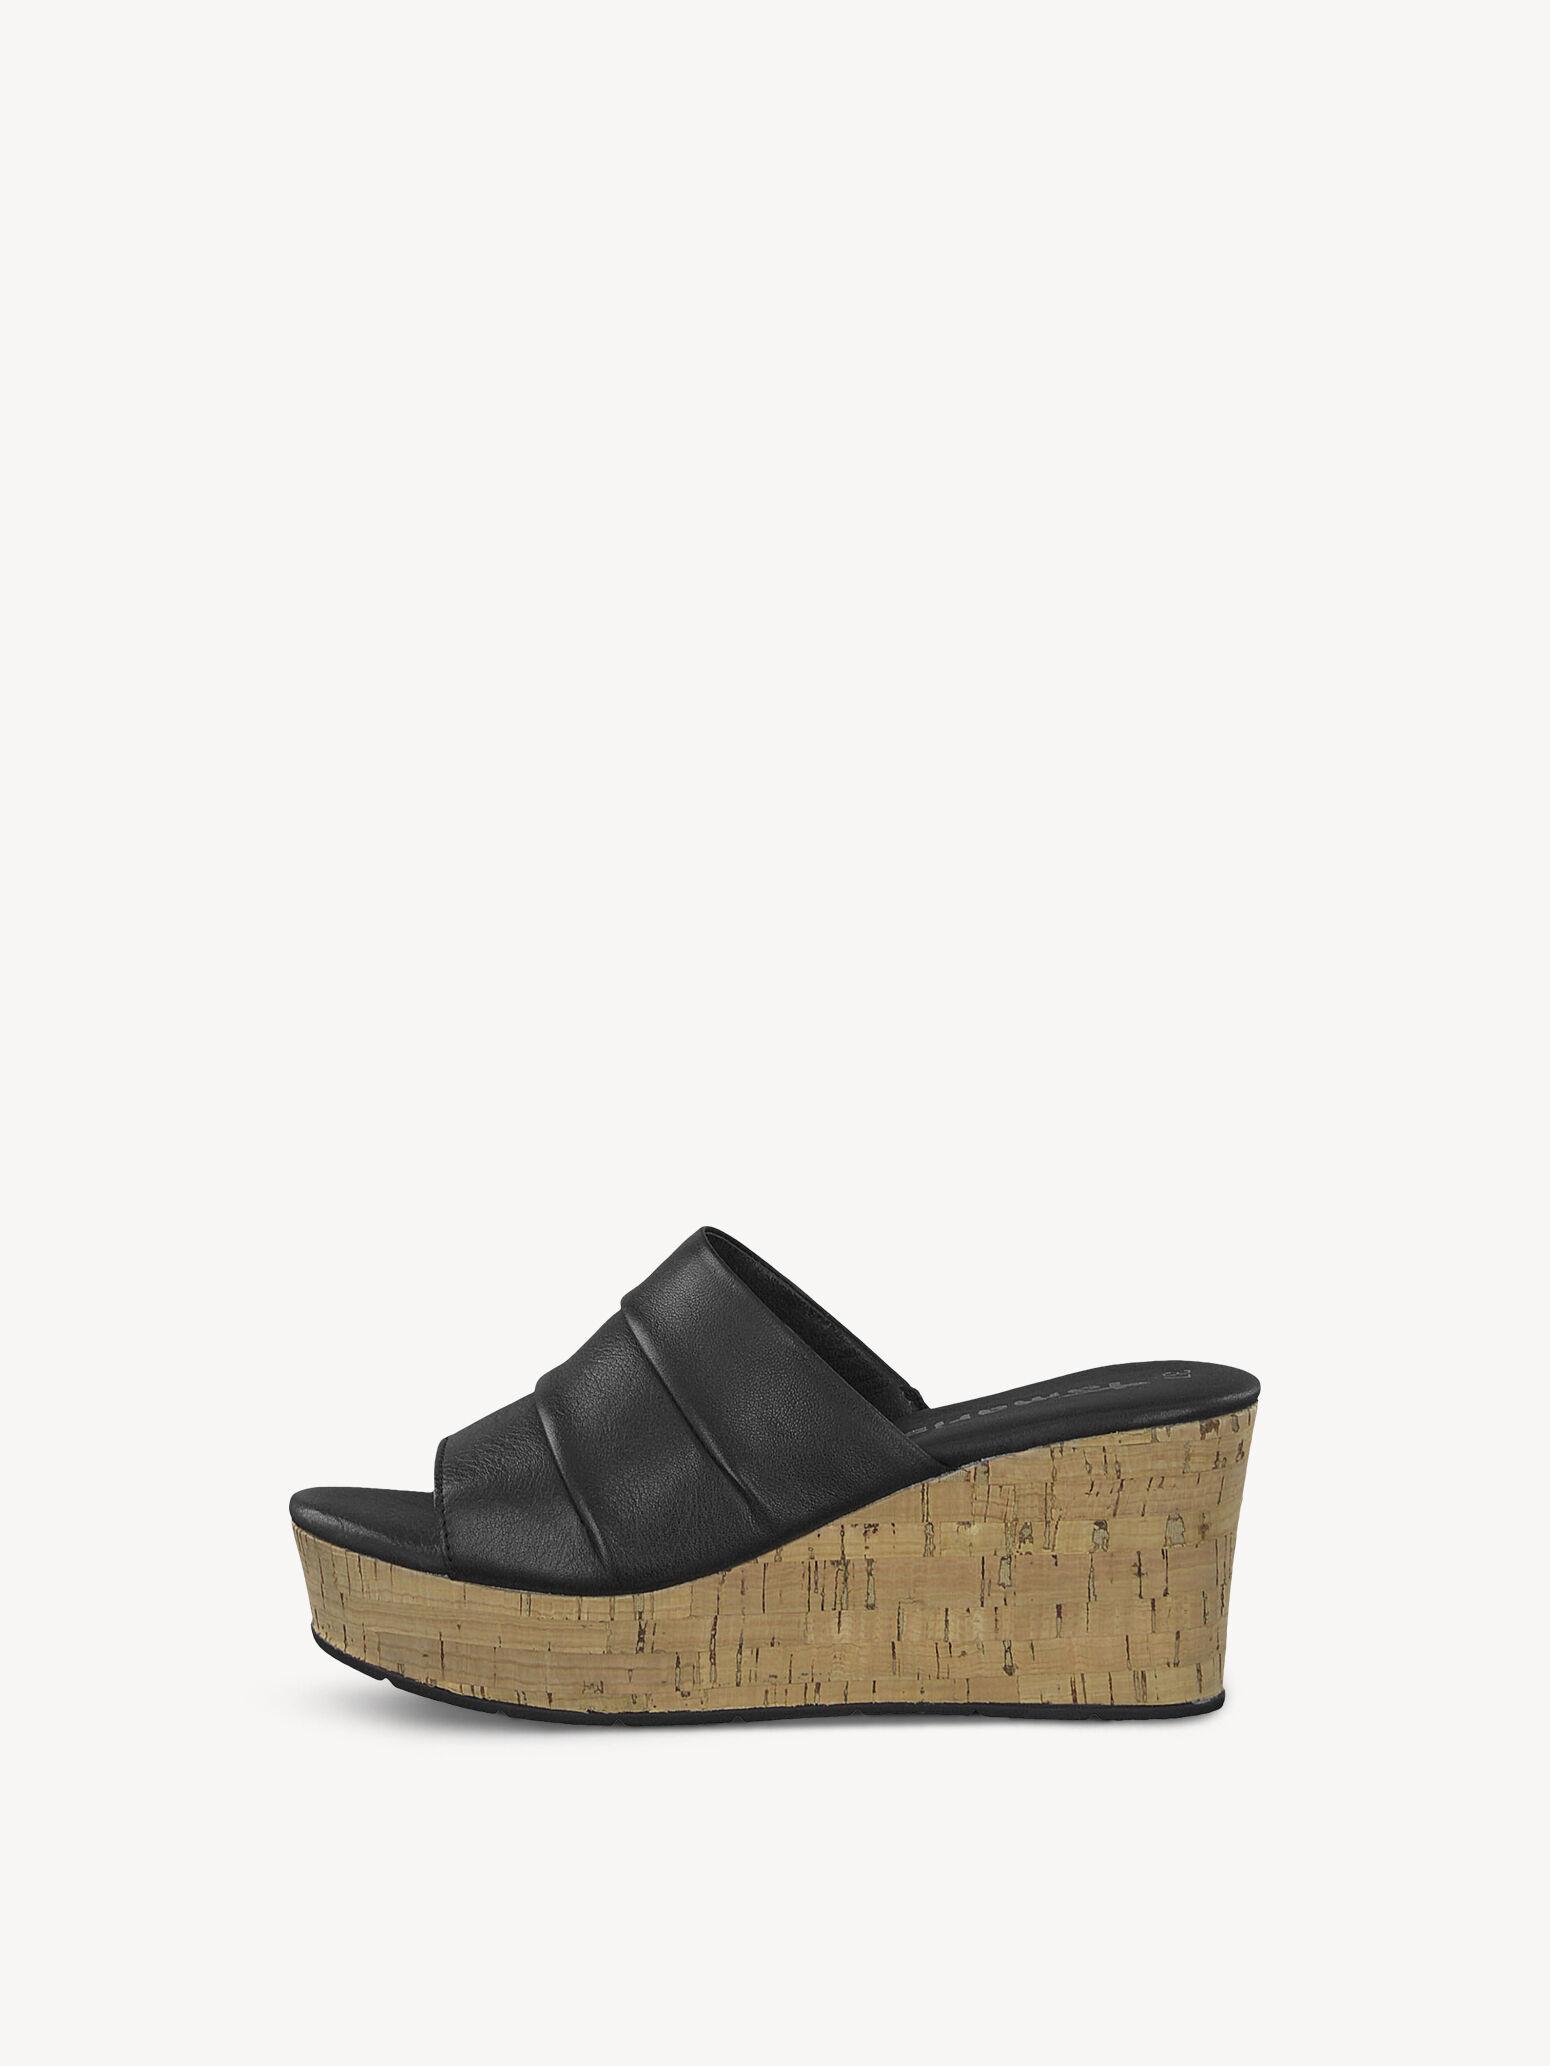 Schuhe Ajl34q5r Pantoletten Für Damen Tamaris Online Kaufen gImY6vyb7f